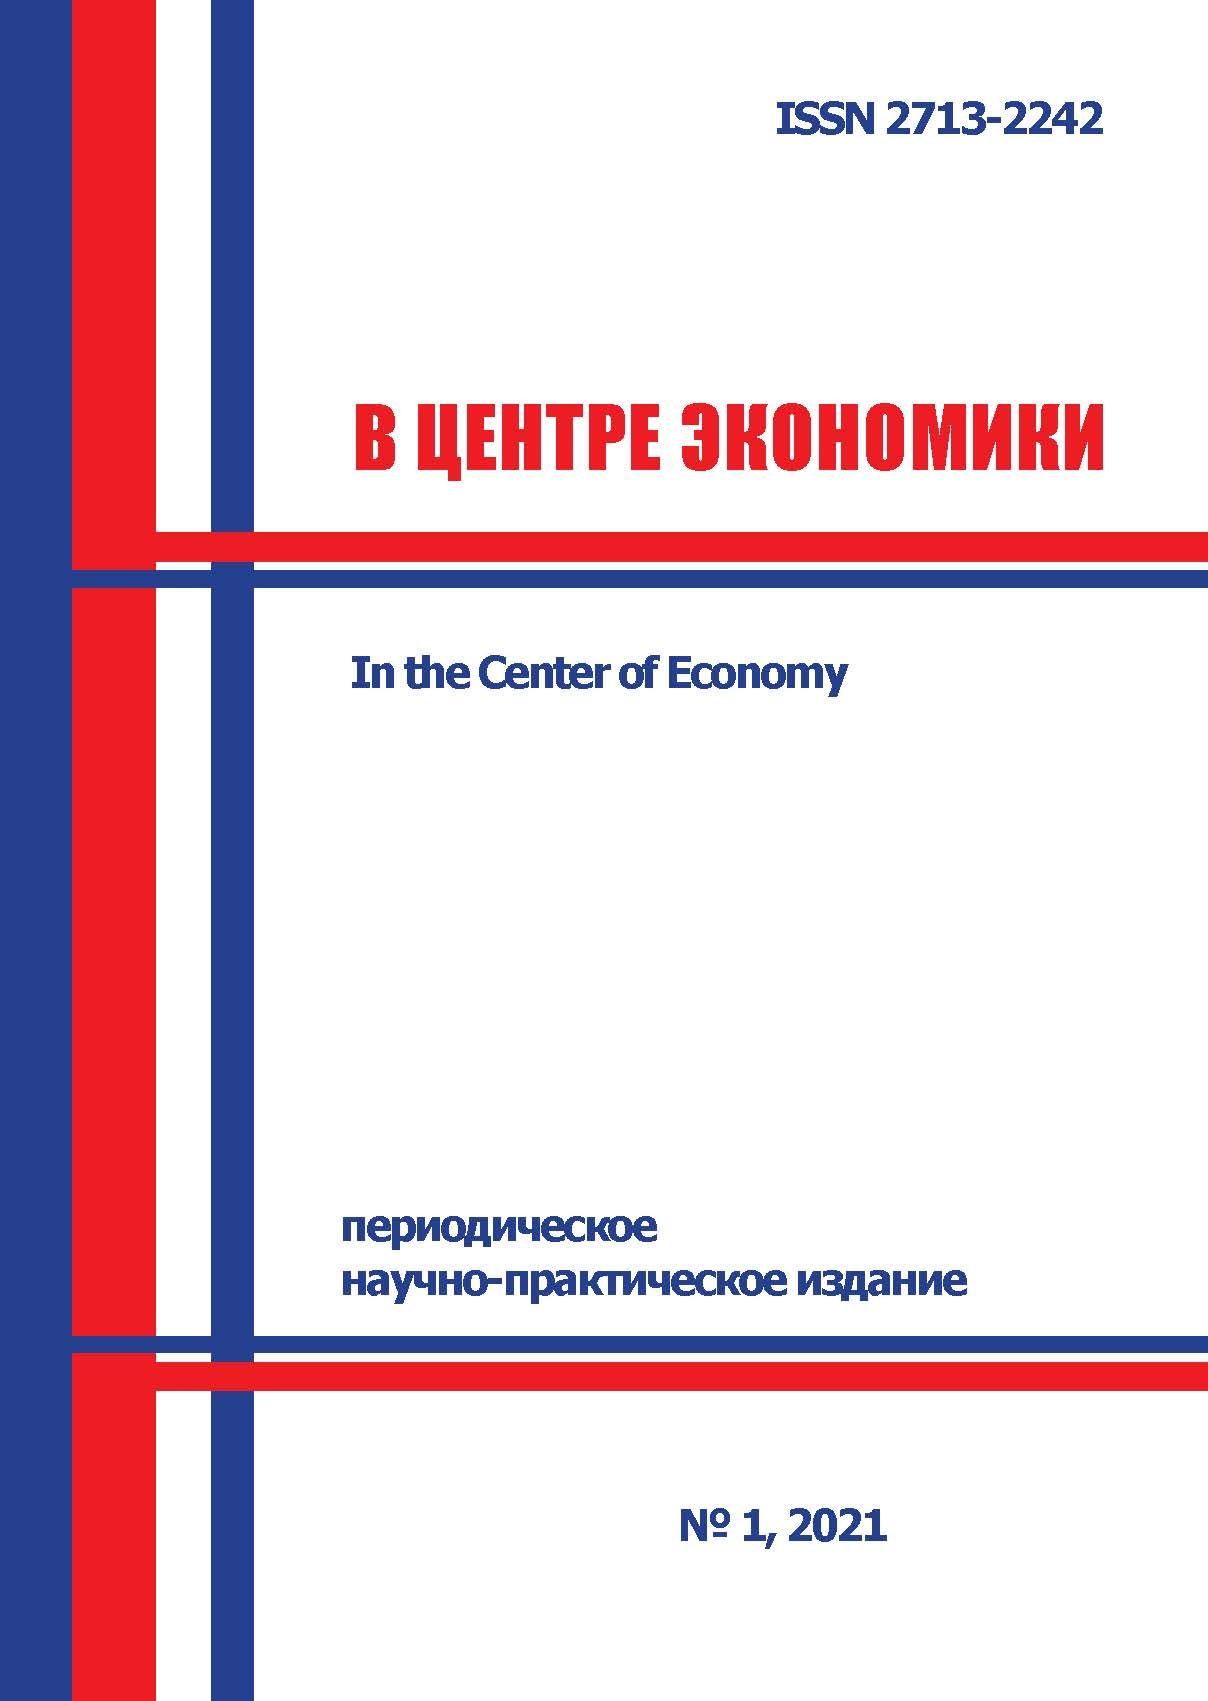 """Обложка журнала """"В центре экономики"""" №1, 2021"""